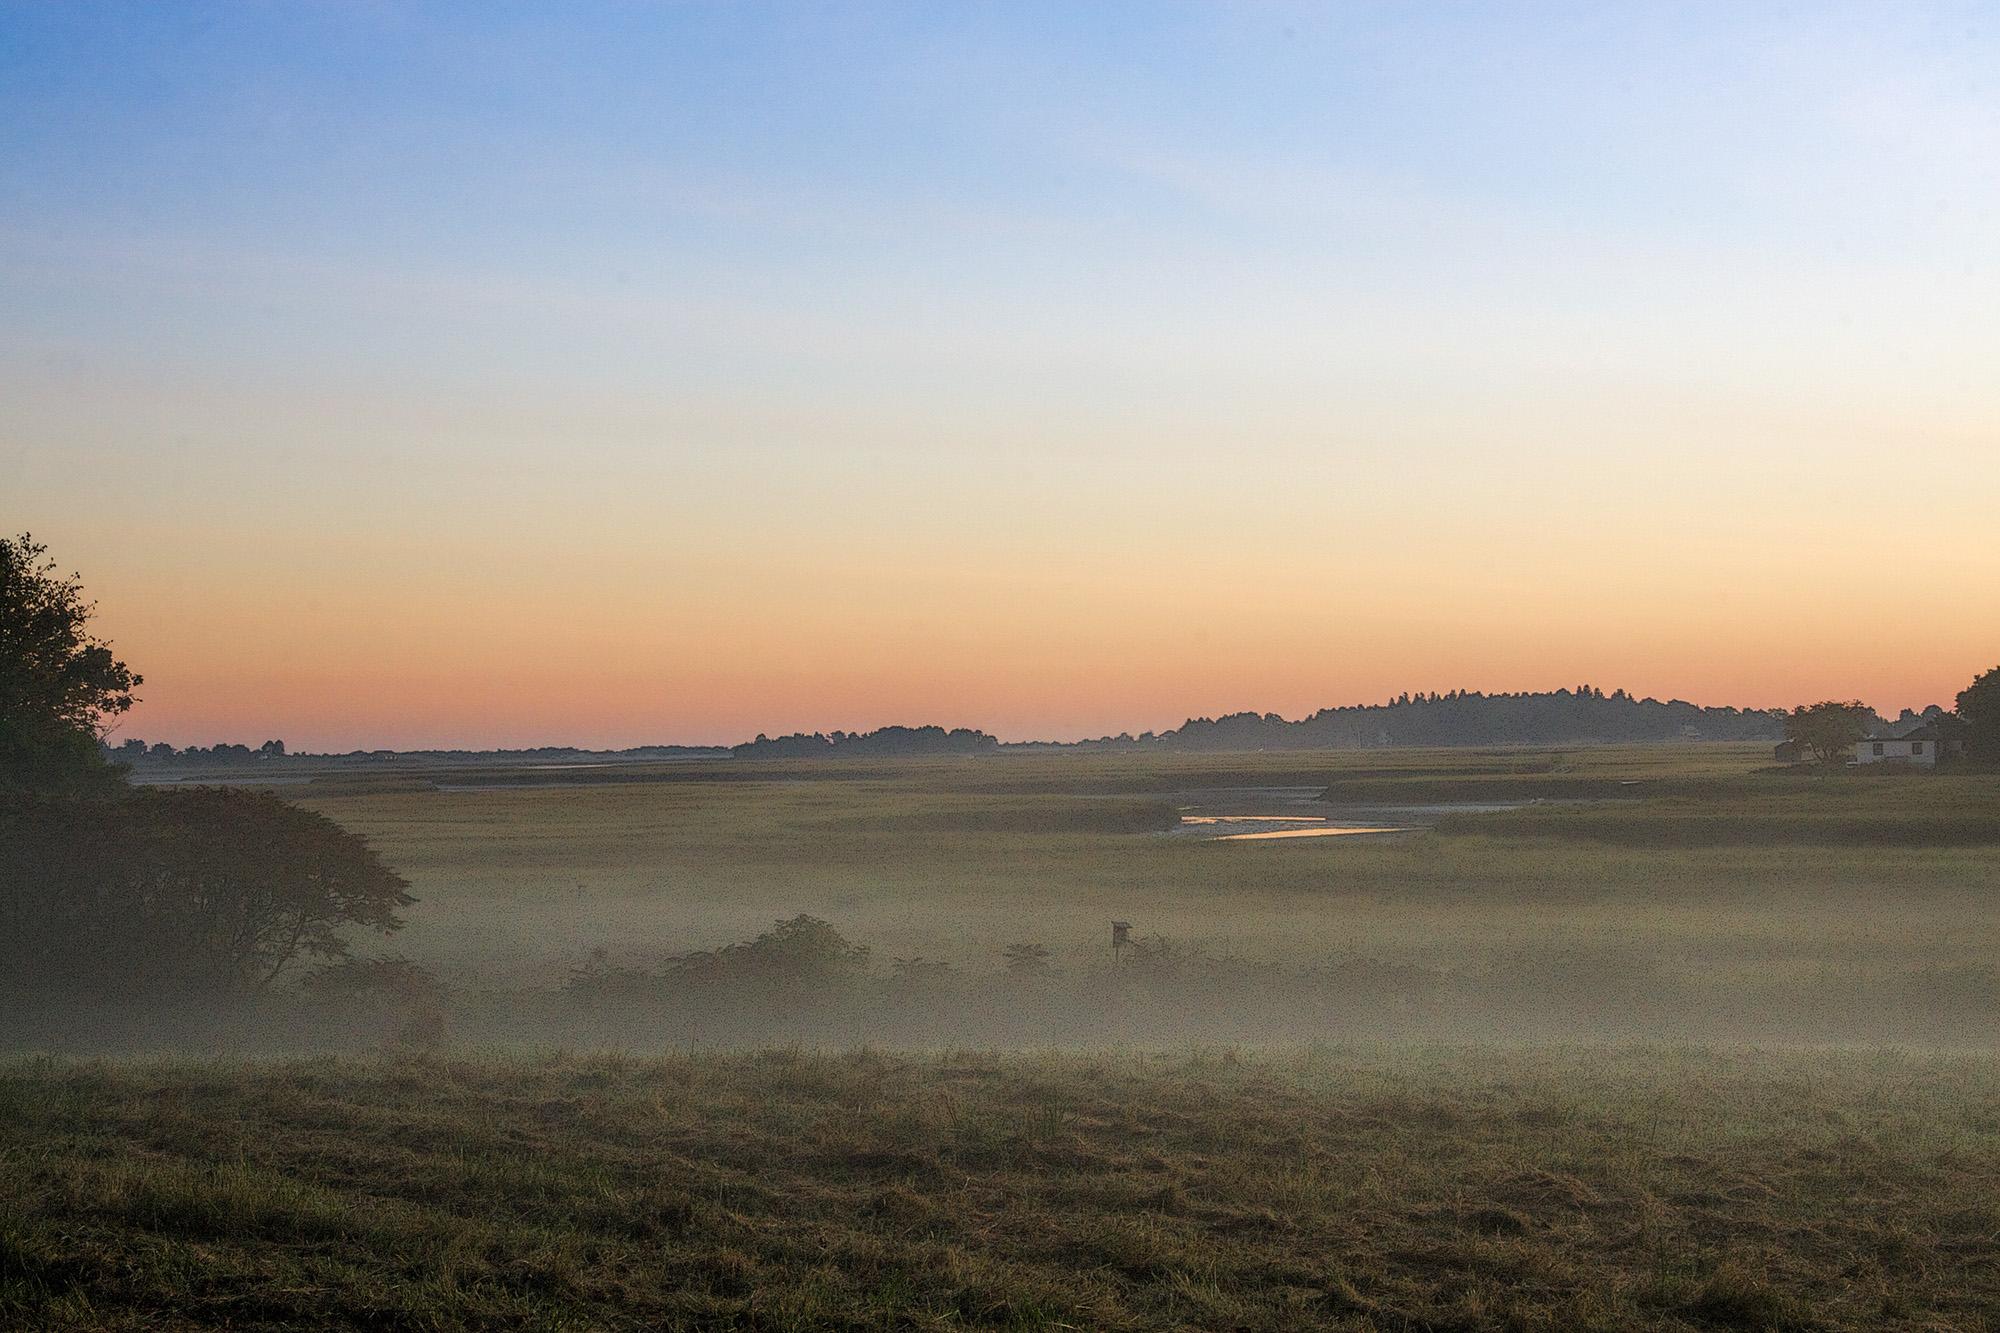 sunrise essex marsh IMG_0262.jpg